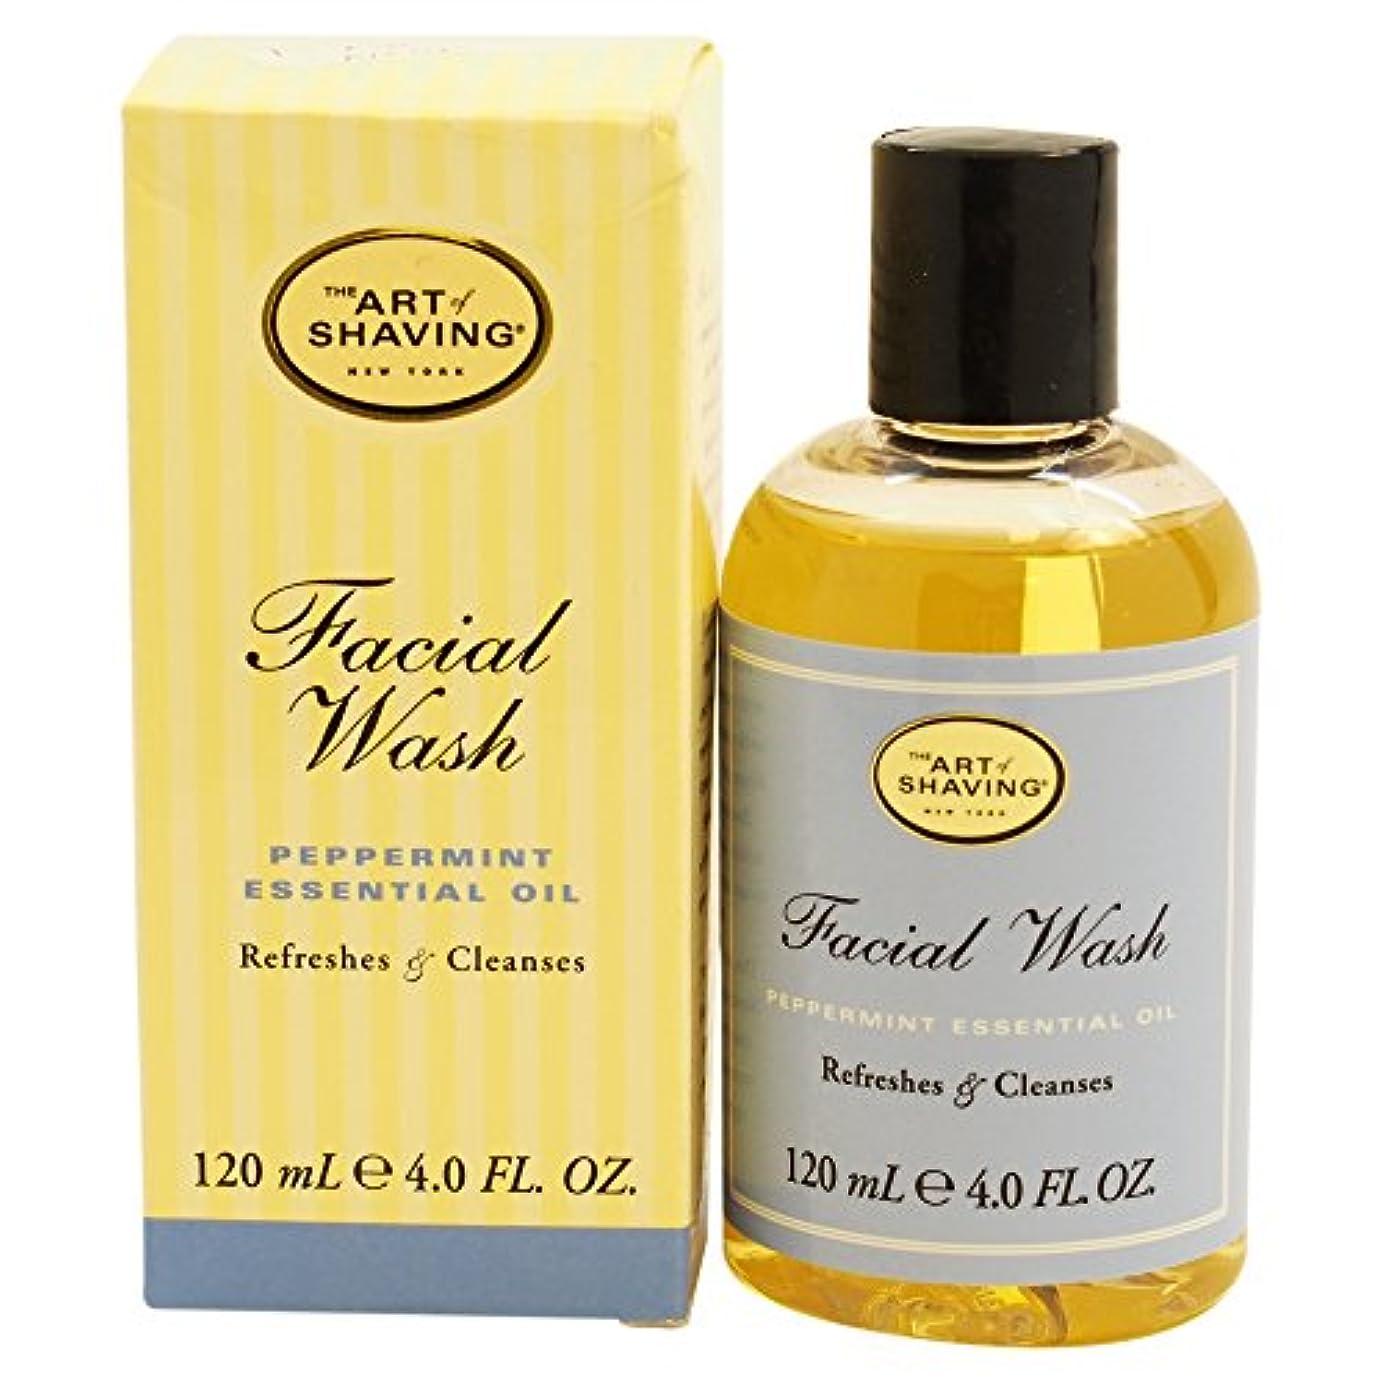 退院推進力バルセロナThe Art Of Shaving Facial Wash With Peppermint Essential Oil (並行輸入品) [並行輸入品]